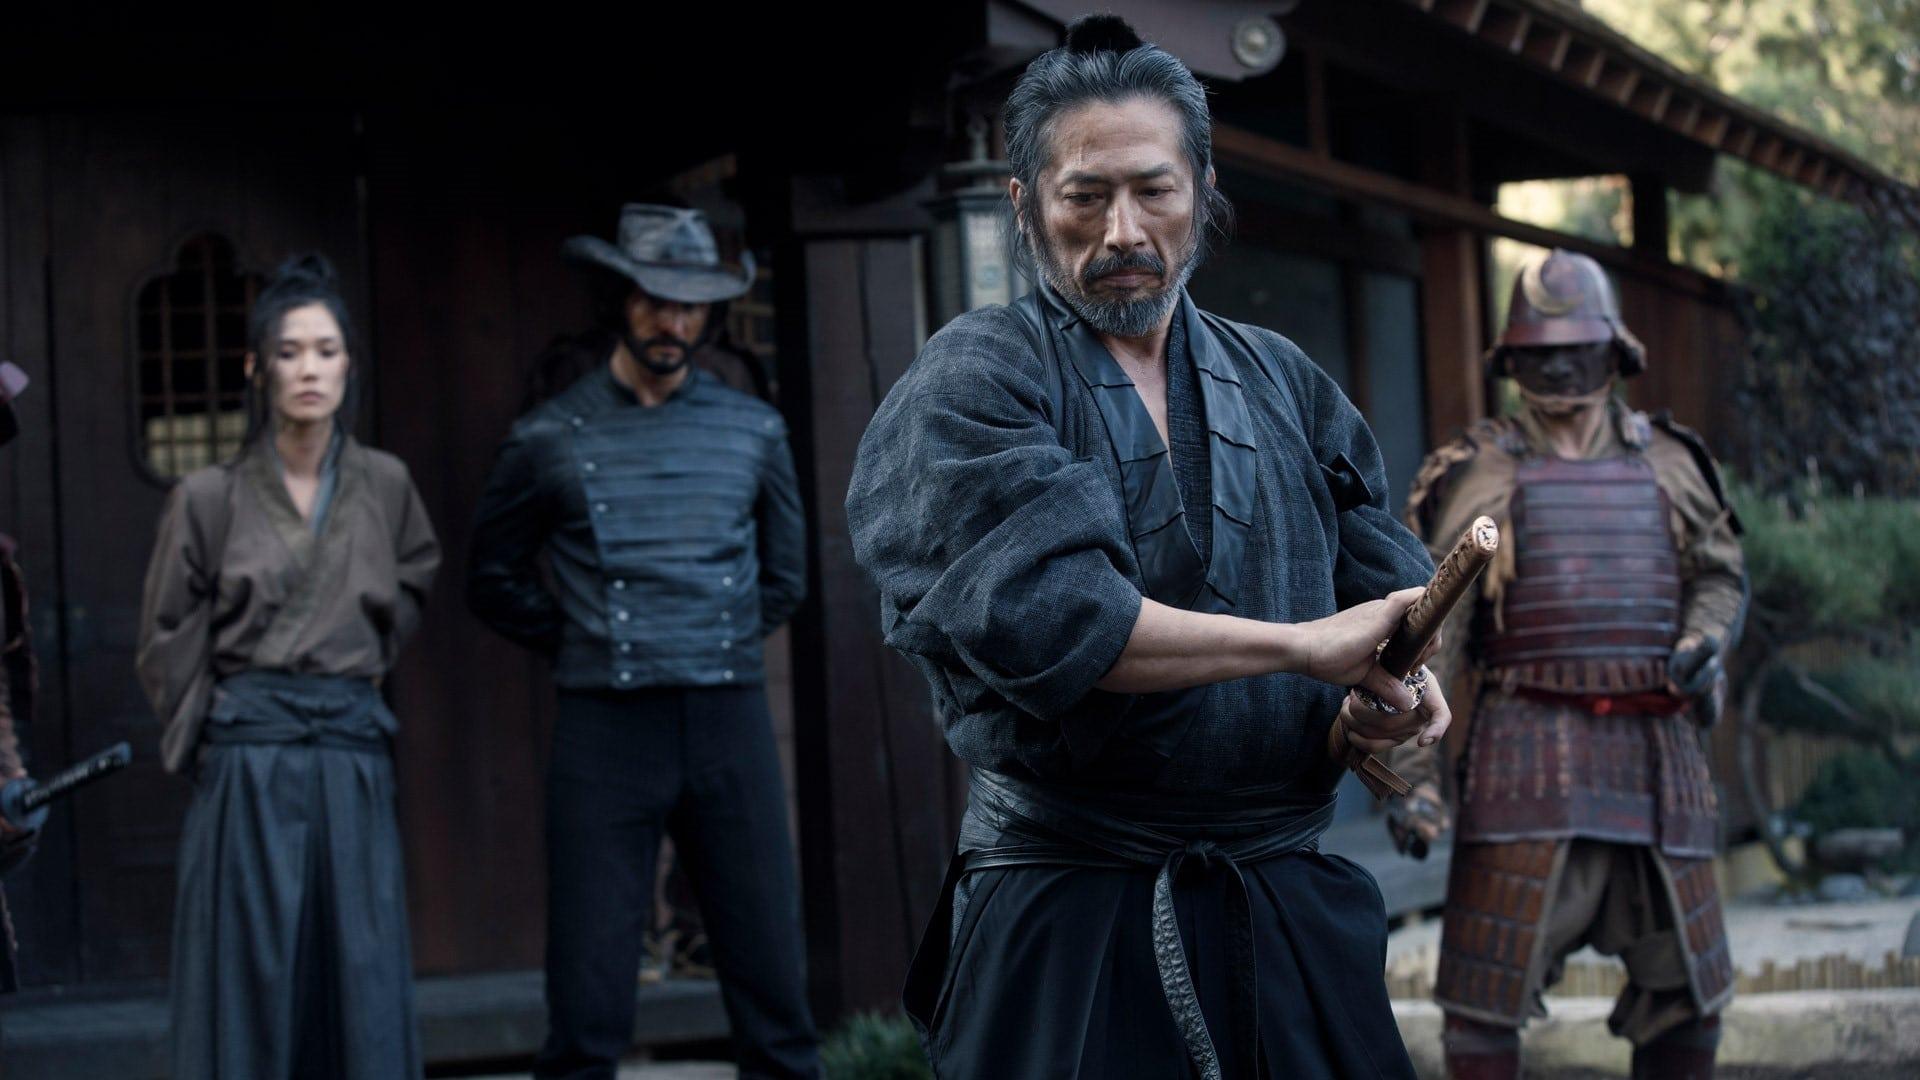 Westworld Saison 2 Episode 6 streaming VF HD 2020 en français Complet Gratuit. regarder Titre Streaming. Titre HD